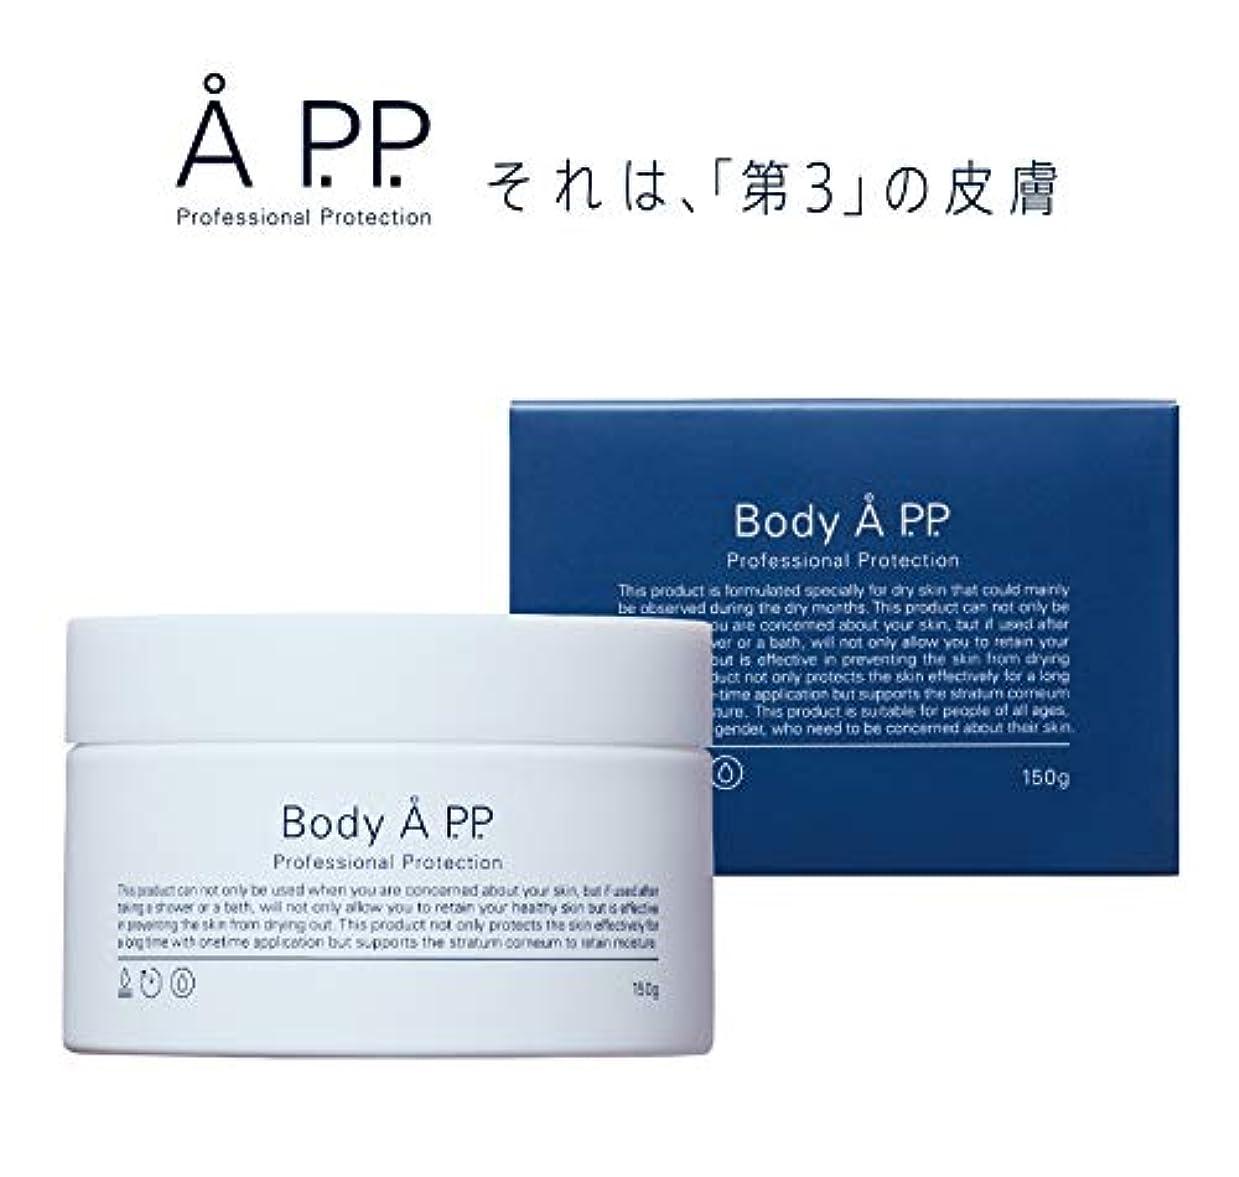 ギャラリー相談するやむを得ないBody A P.P. プロフェッショナルプロテクション 高機能 ボディクリーム ボディークリーム 人気 ランキング 保湿 無香料 150g (1個)